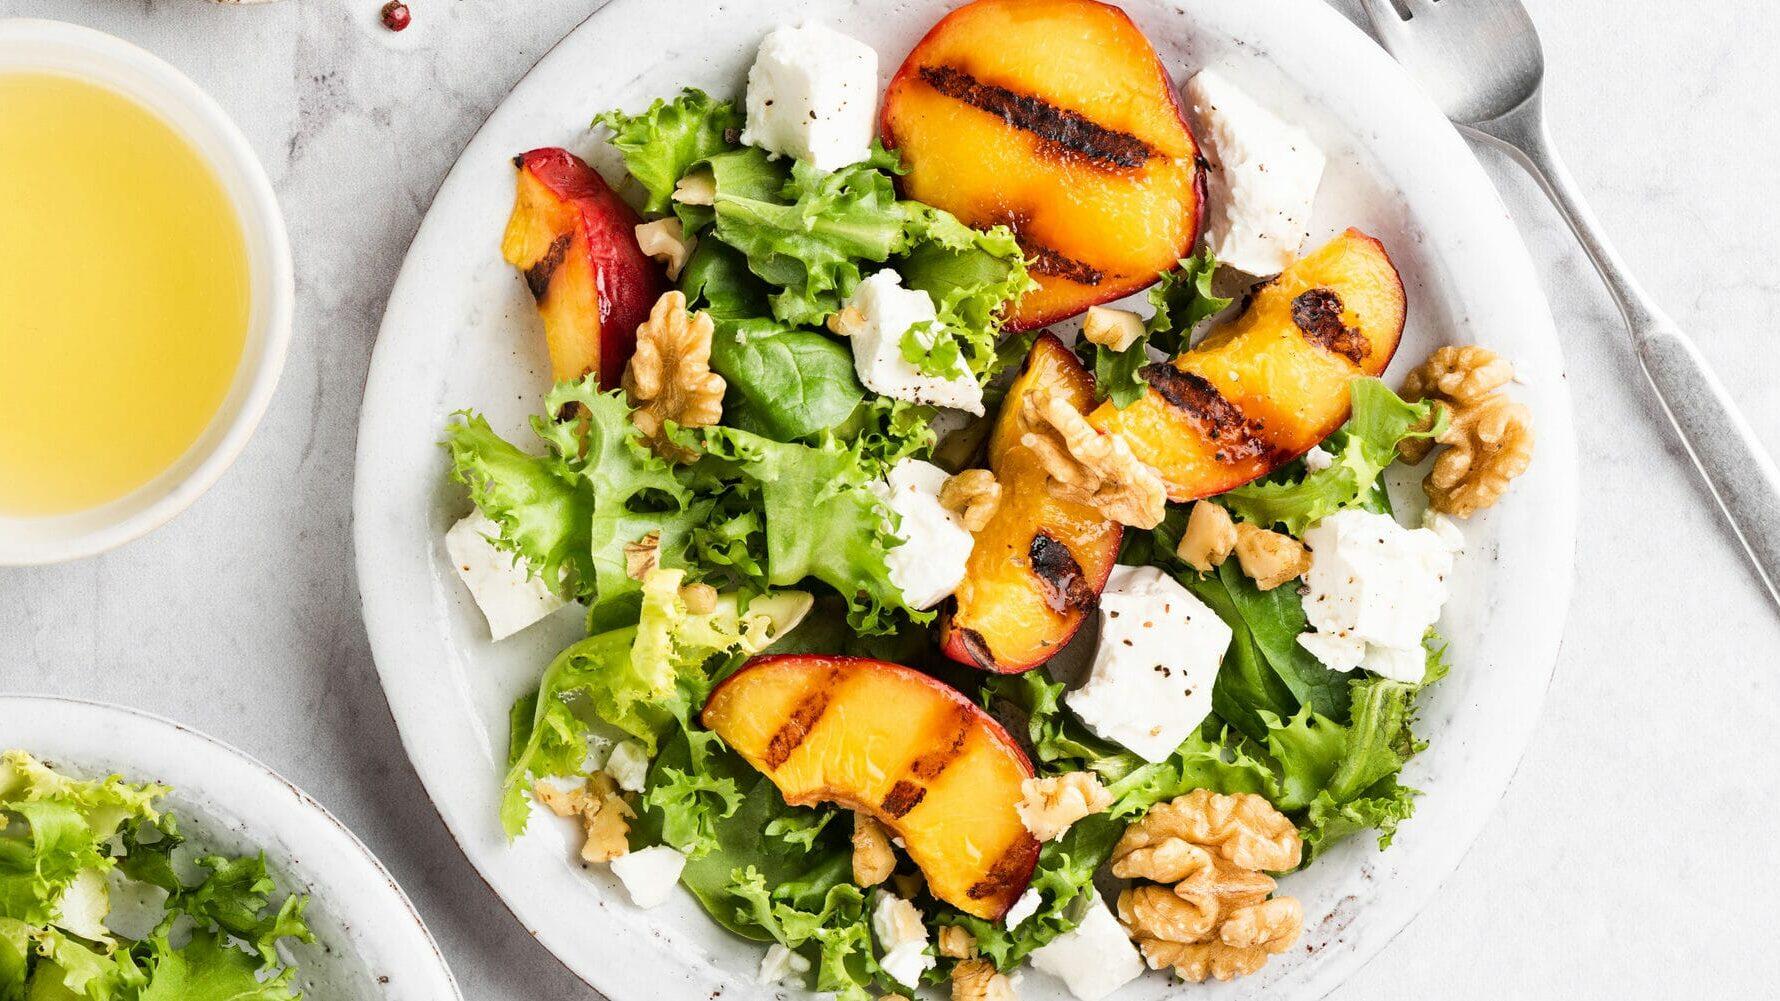 Sommersalat mit gegrilltem Pfirsich und Feta